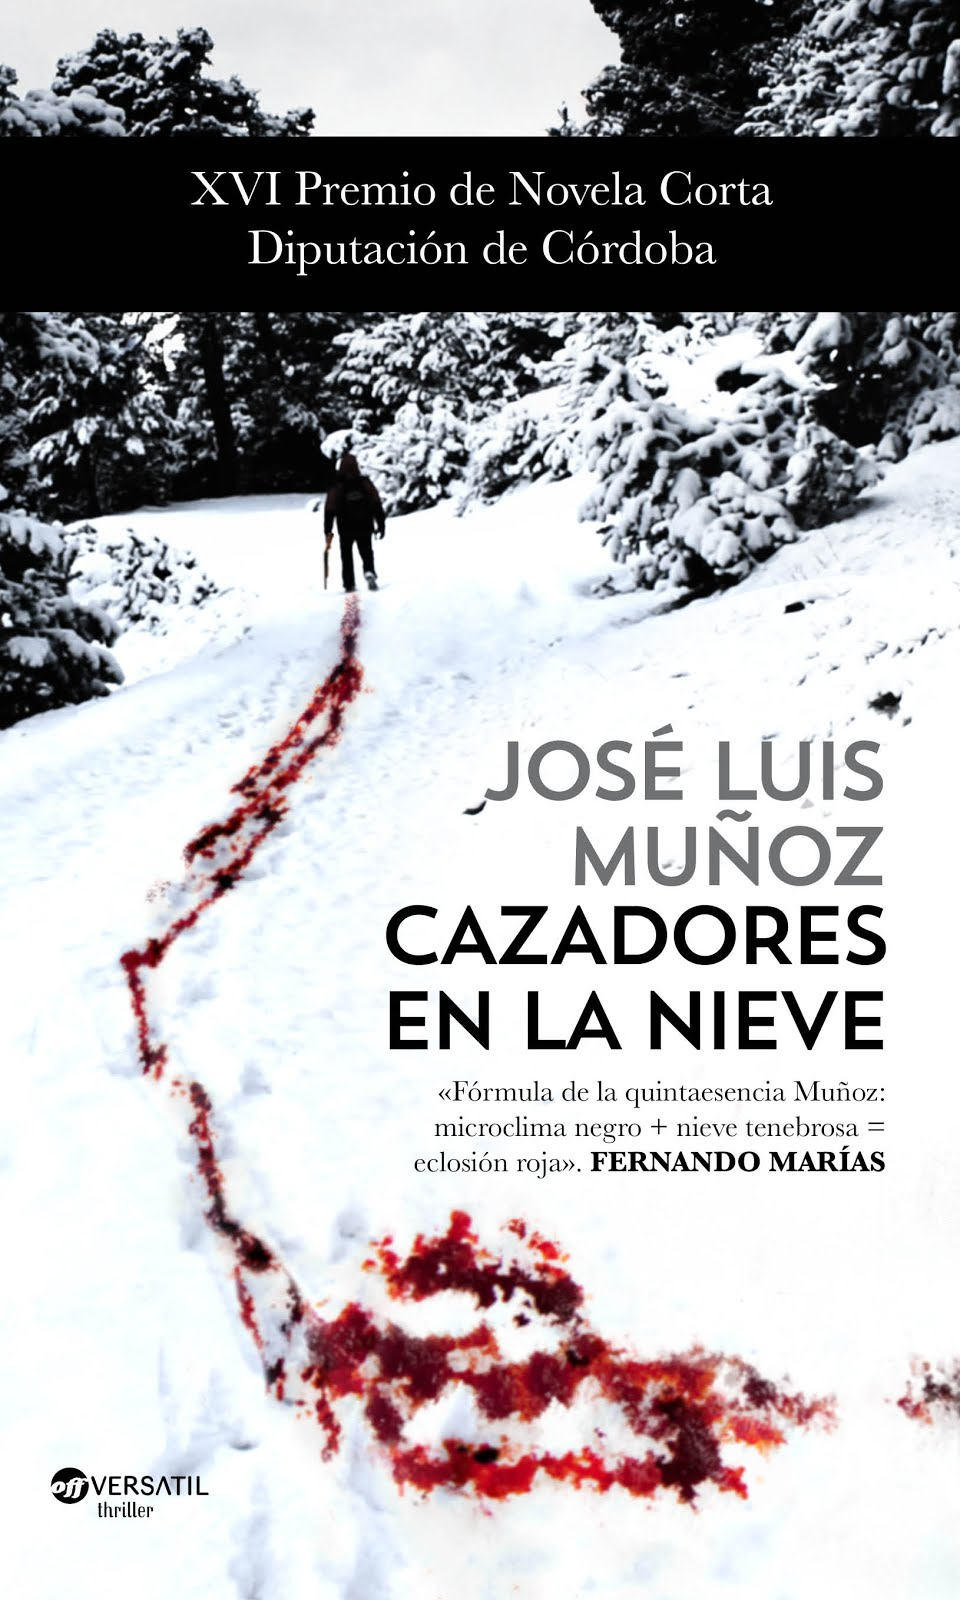 CAZADORES EN LA NIEVE, Ediciones Versátil, 2016